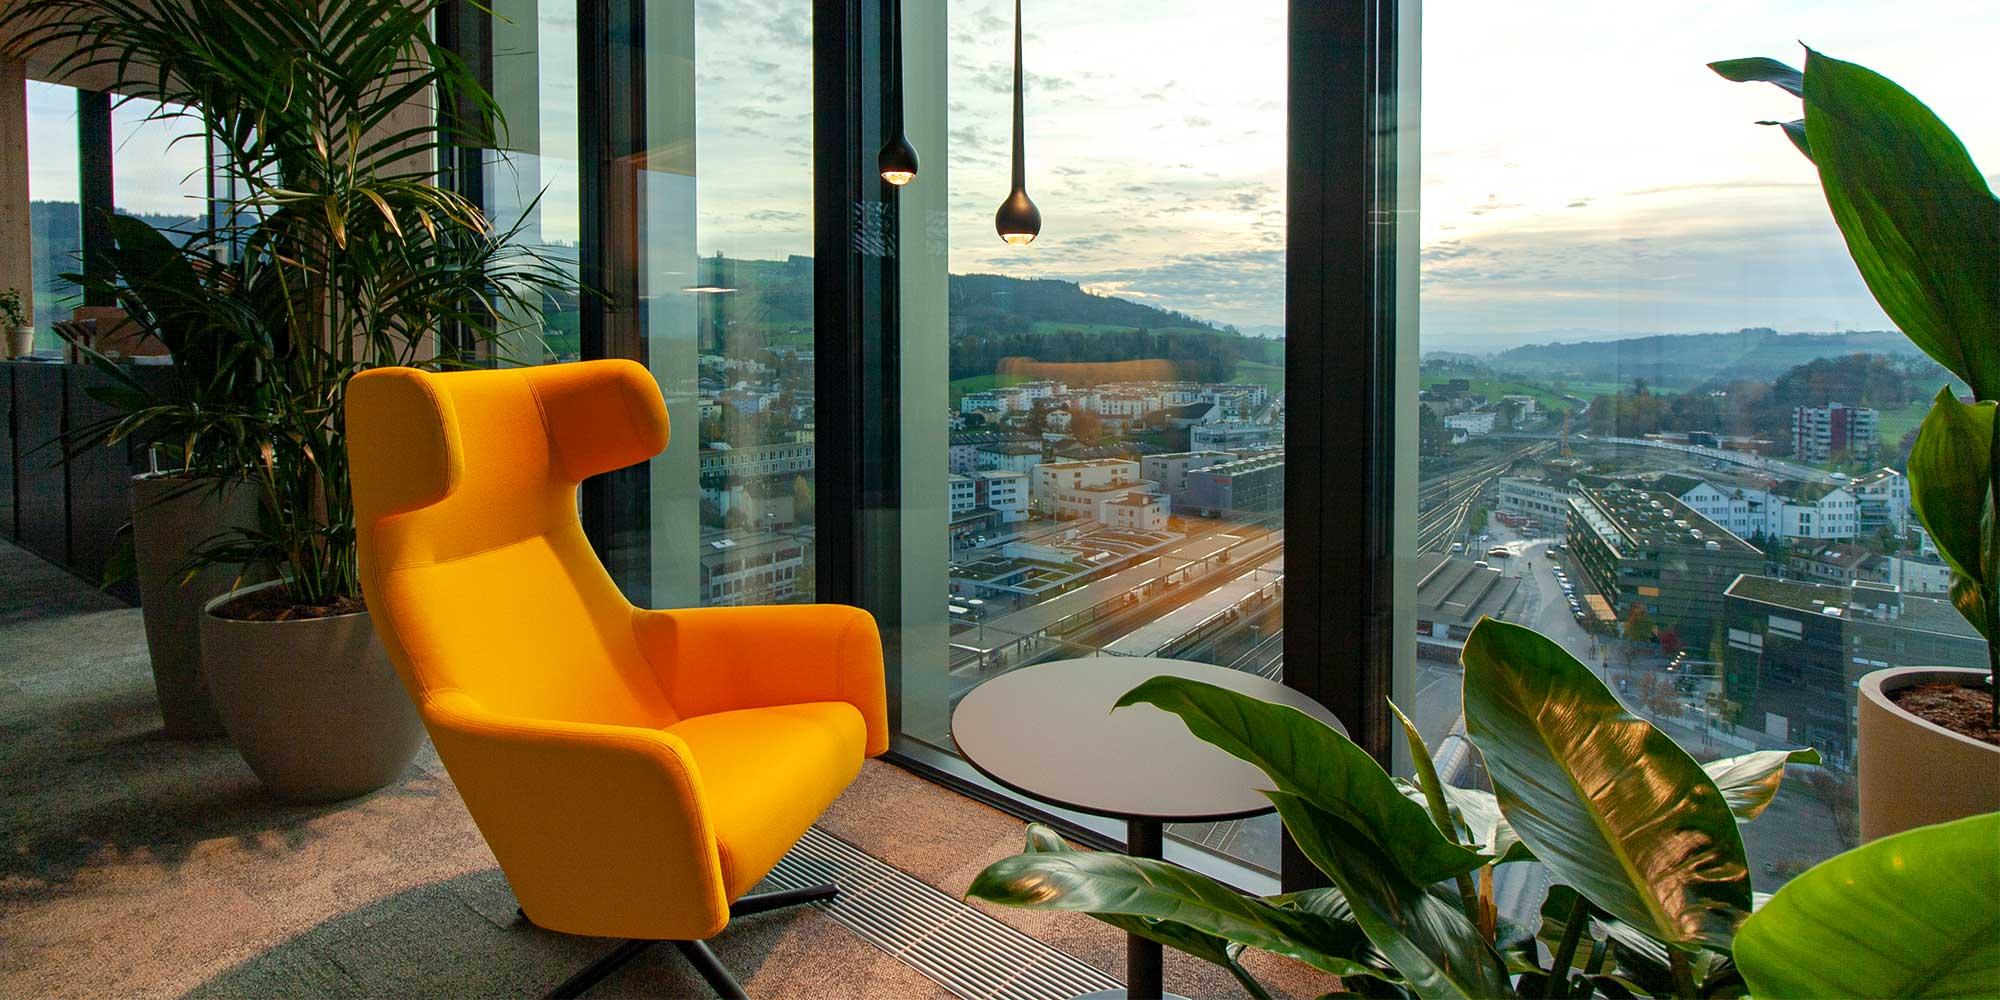 Konplan Systemhaus AG, gemütlicher ruhe Platz um sich etwas vom Büroalltag abzusondern oder um kreativ arbeiten zu können. Die tropfen-pendelleuchte passt perfekt in das Bild.